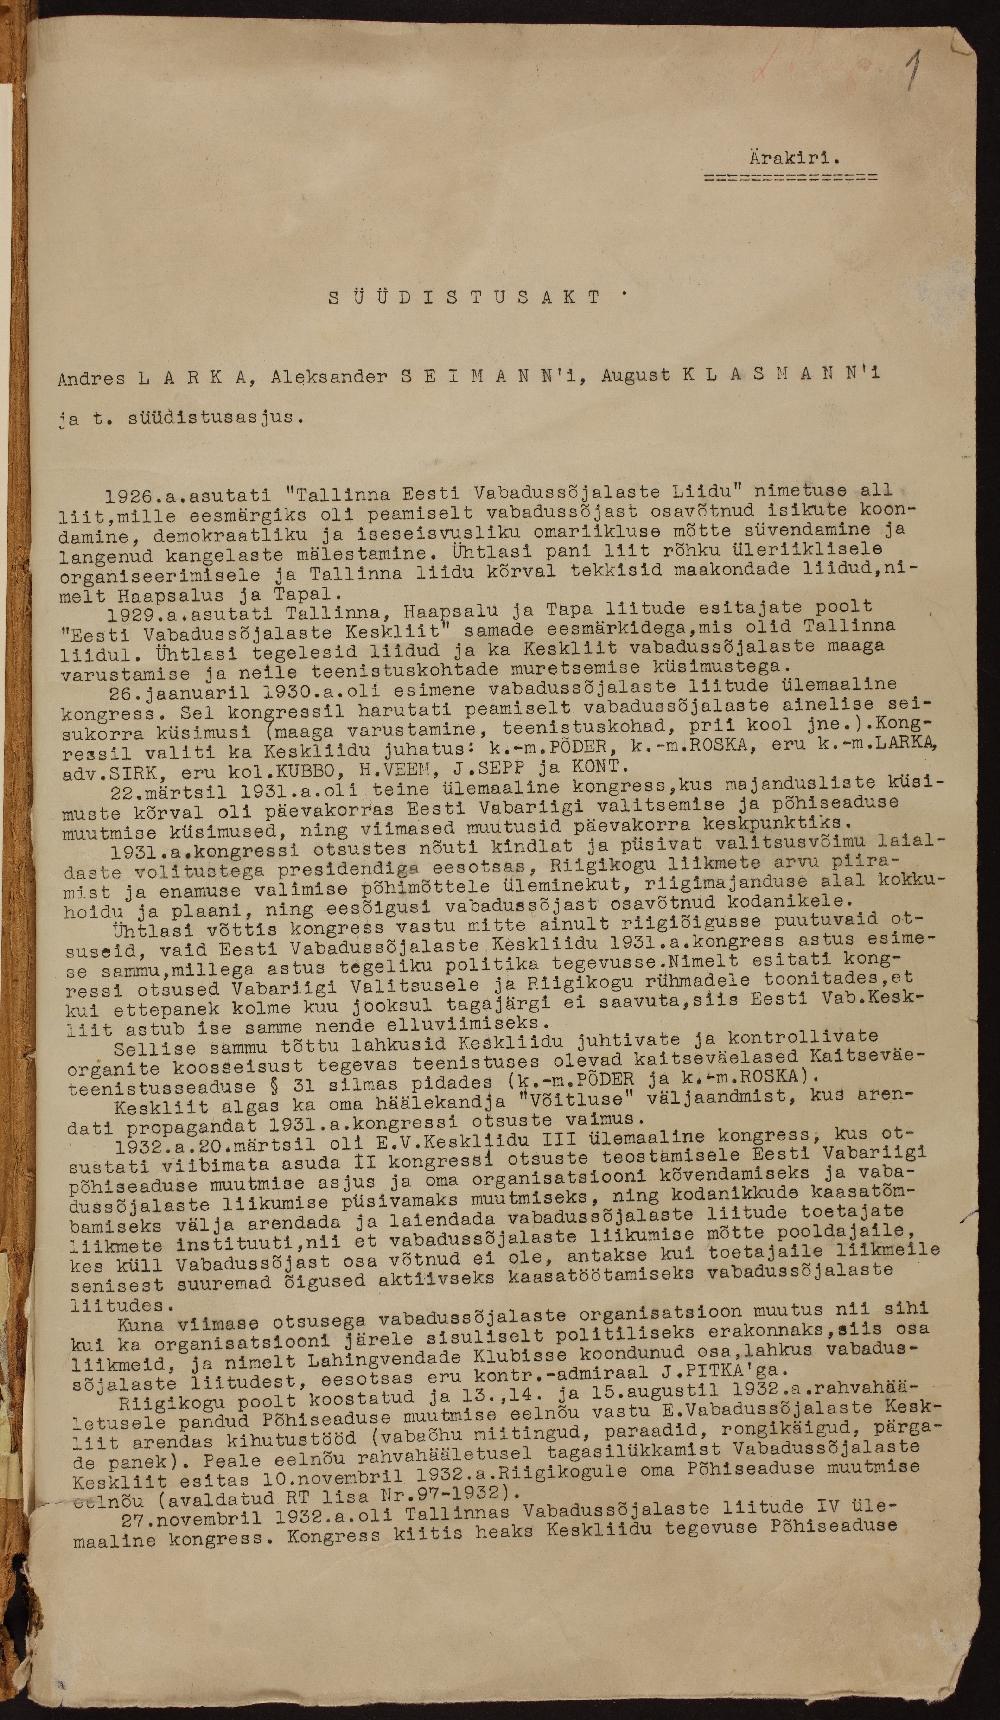 Andres Larka, Aleksander Seimanni, August Klasmanni süüdistusakt. ERA.927.1.17003.